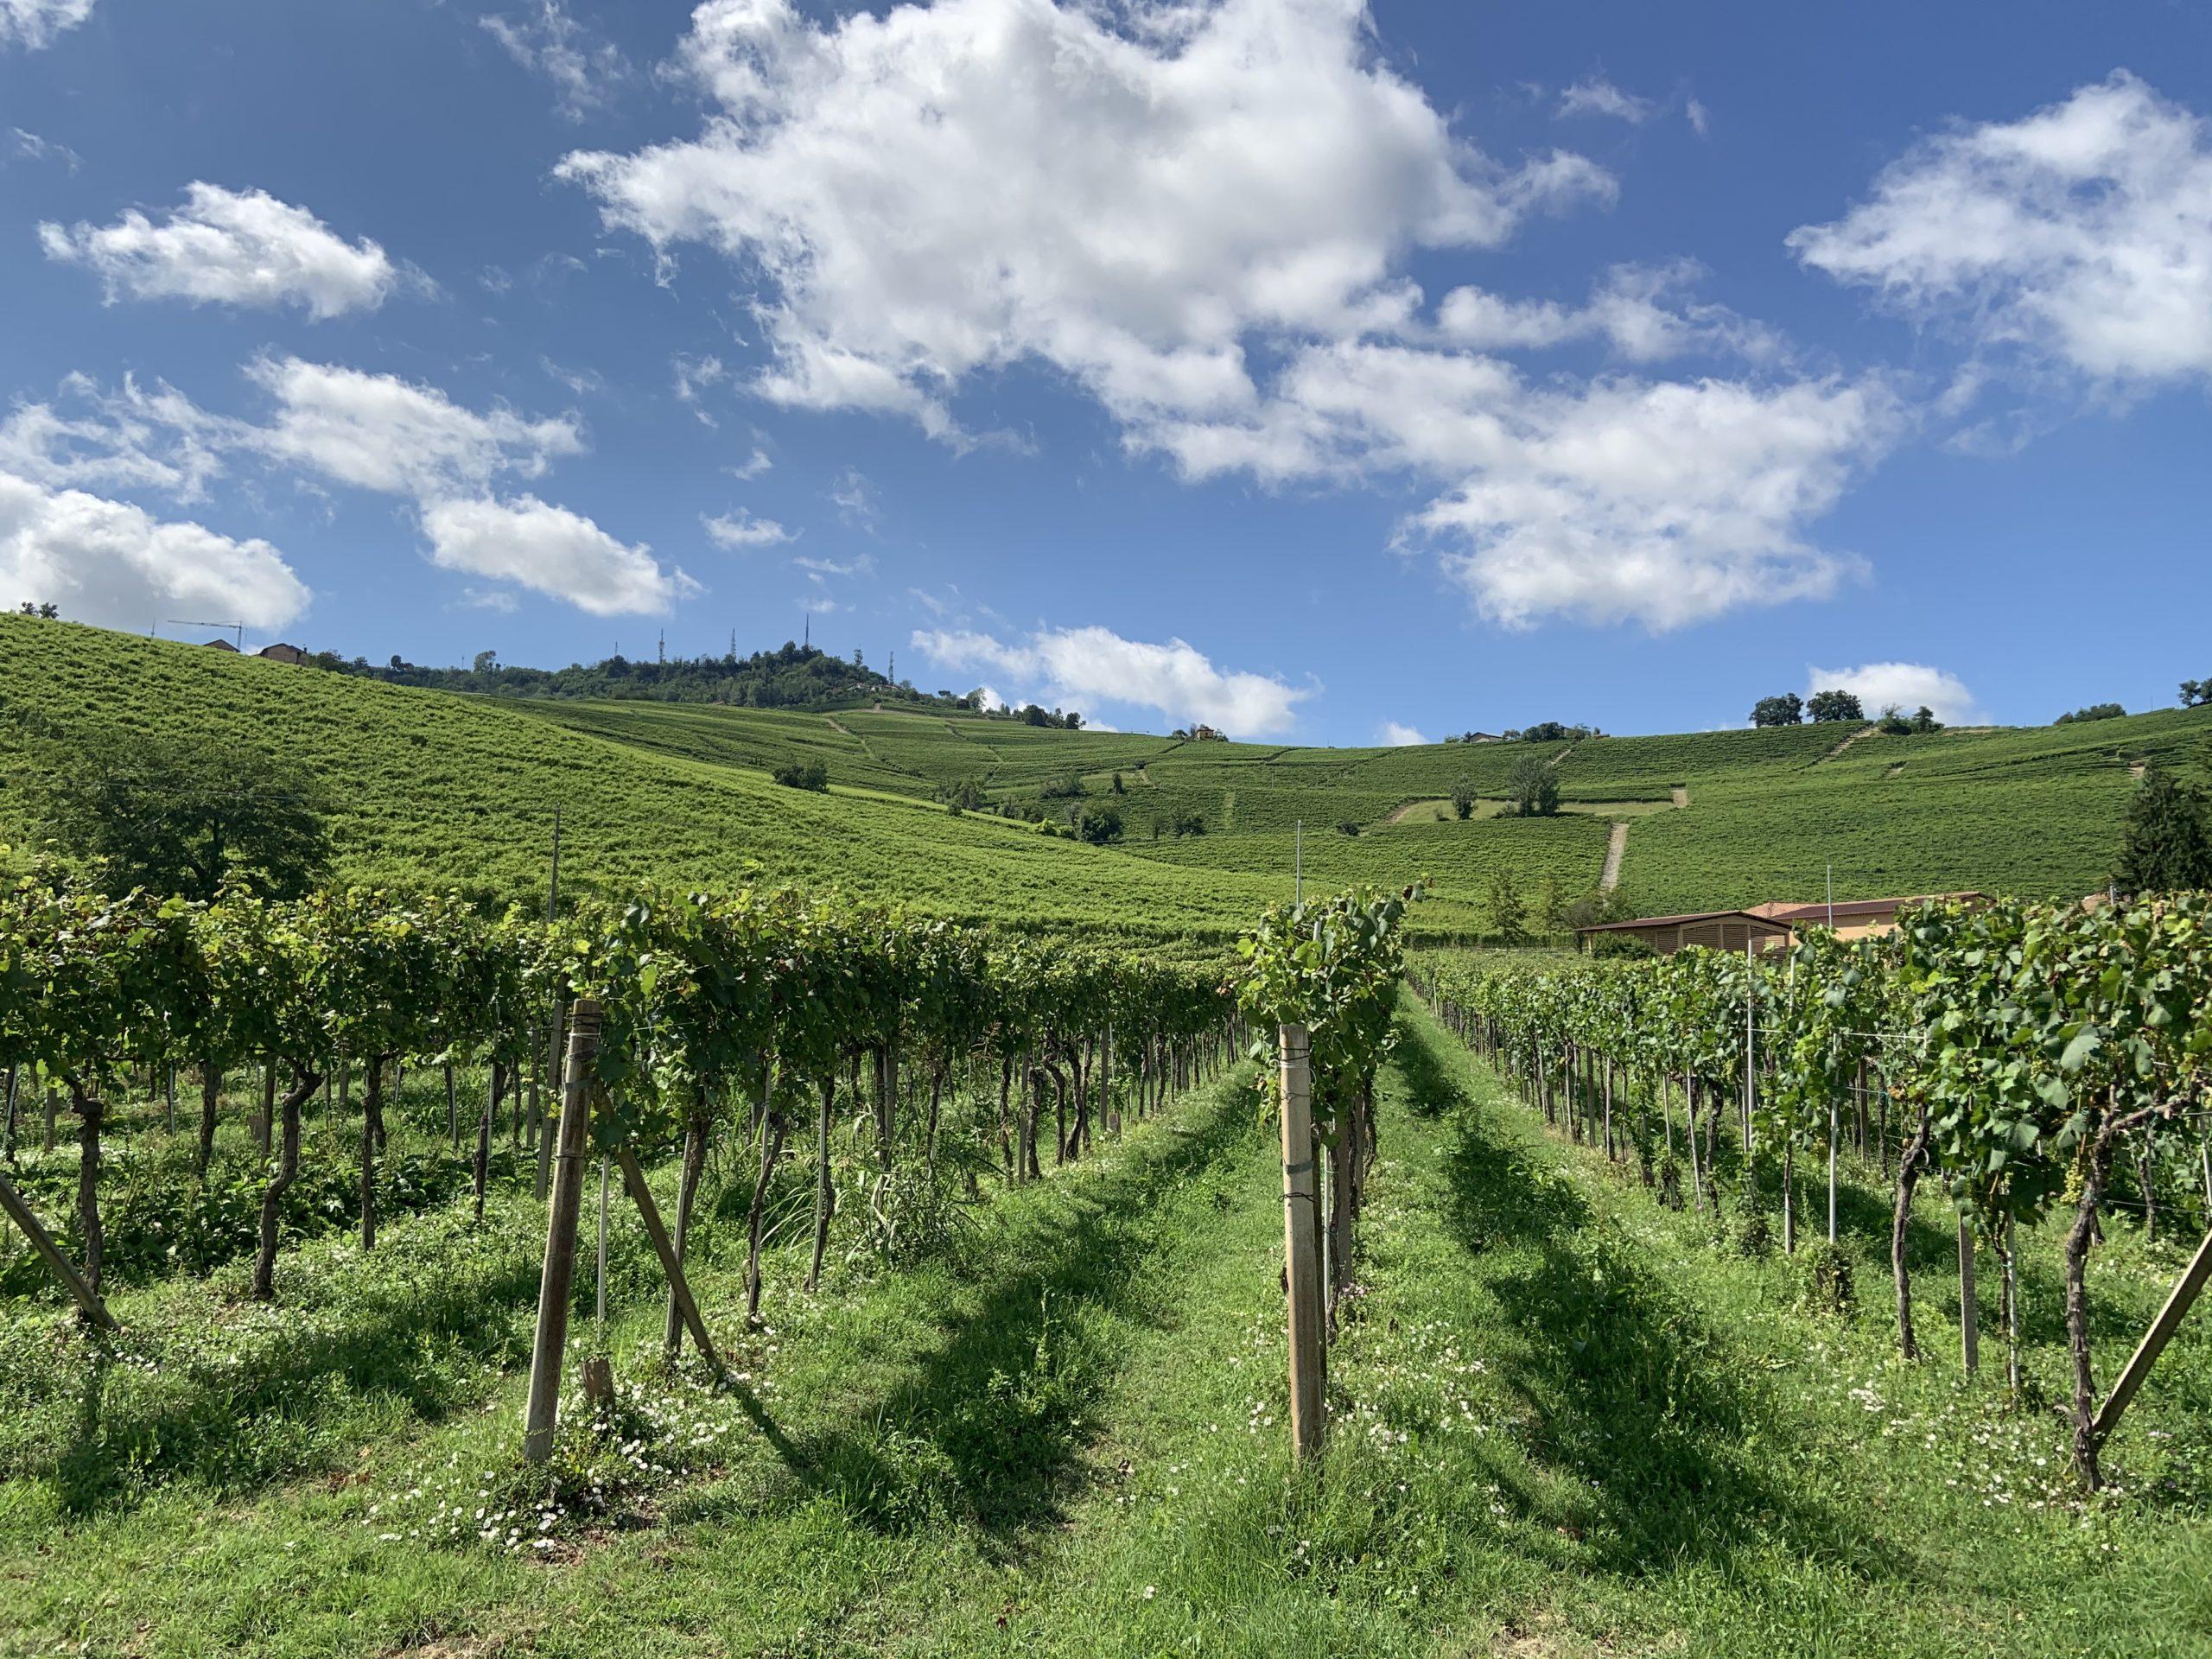 Rad efter rad av vinstockar i ett oändligt vackert landskap - Barolo